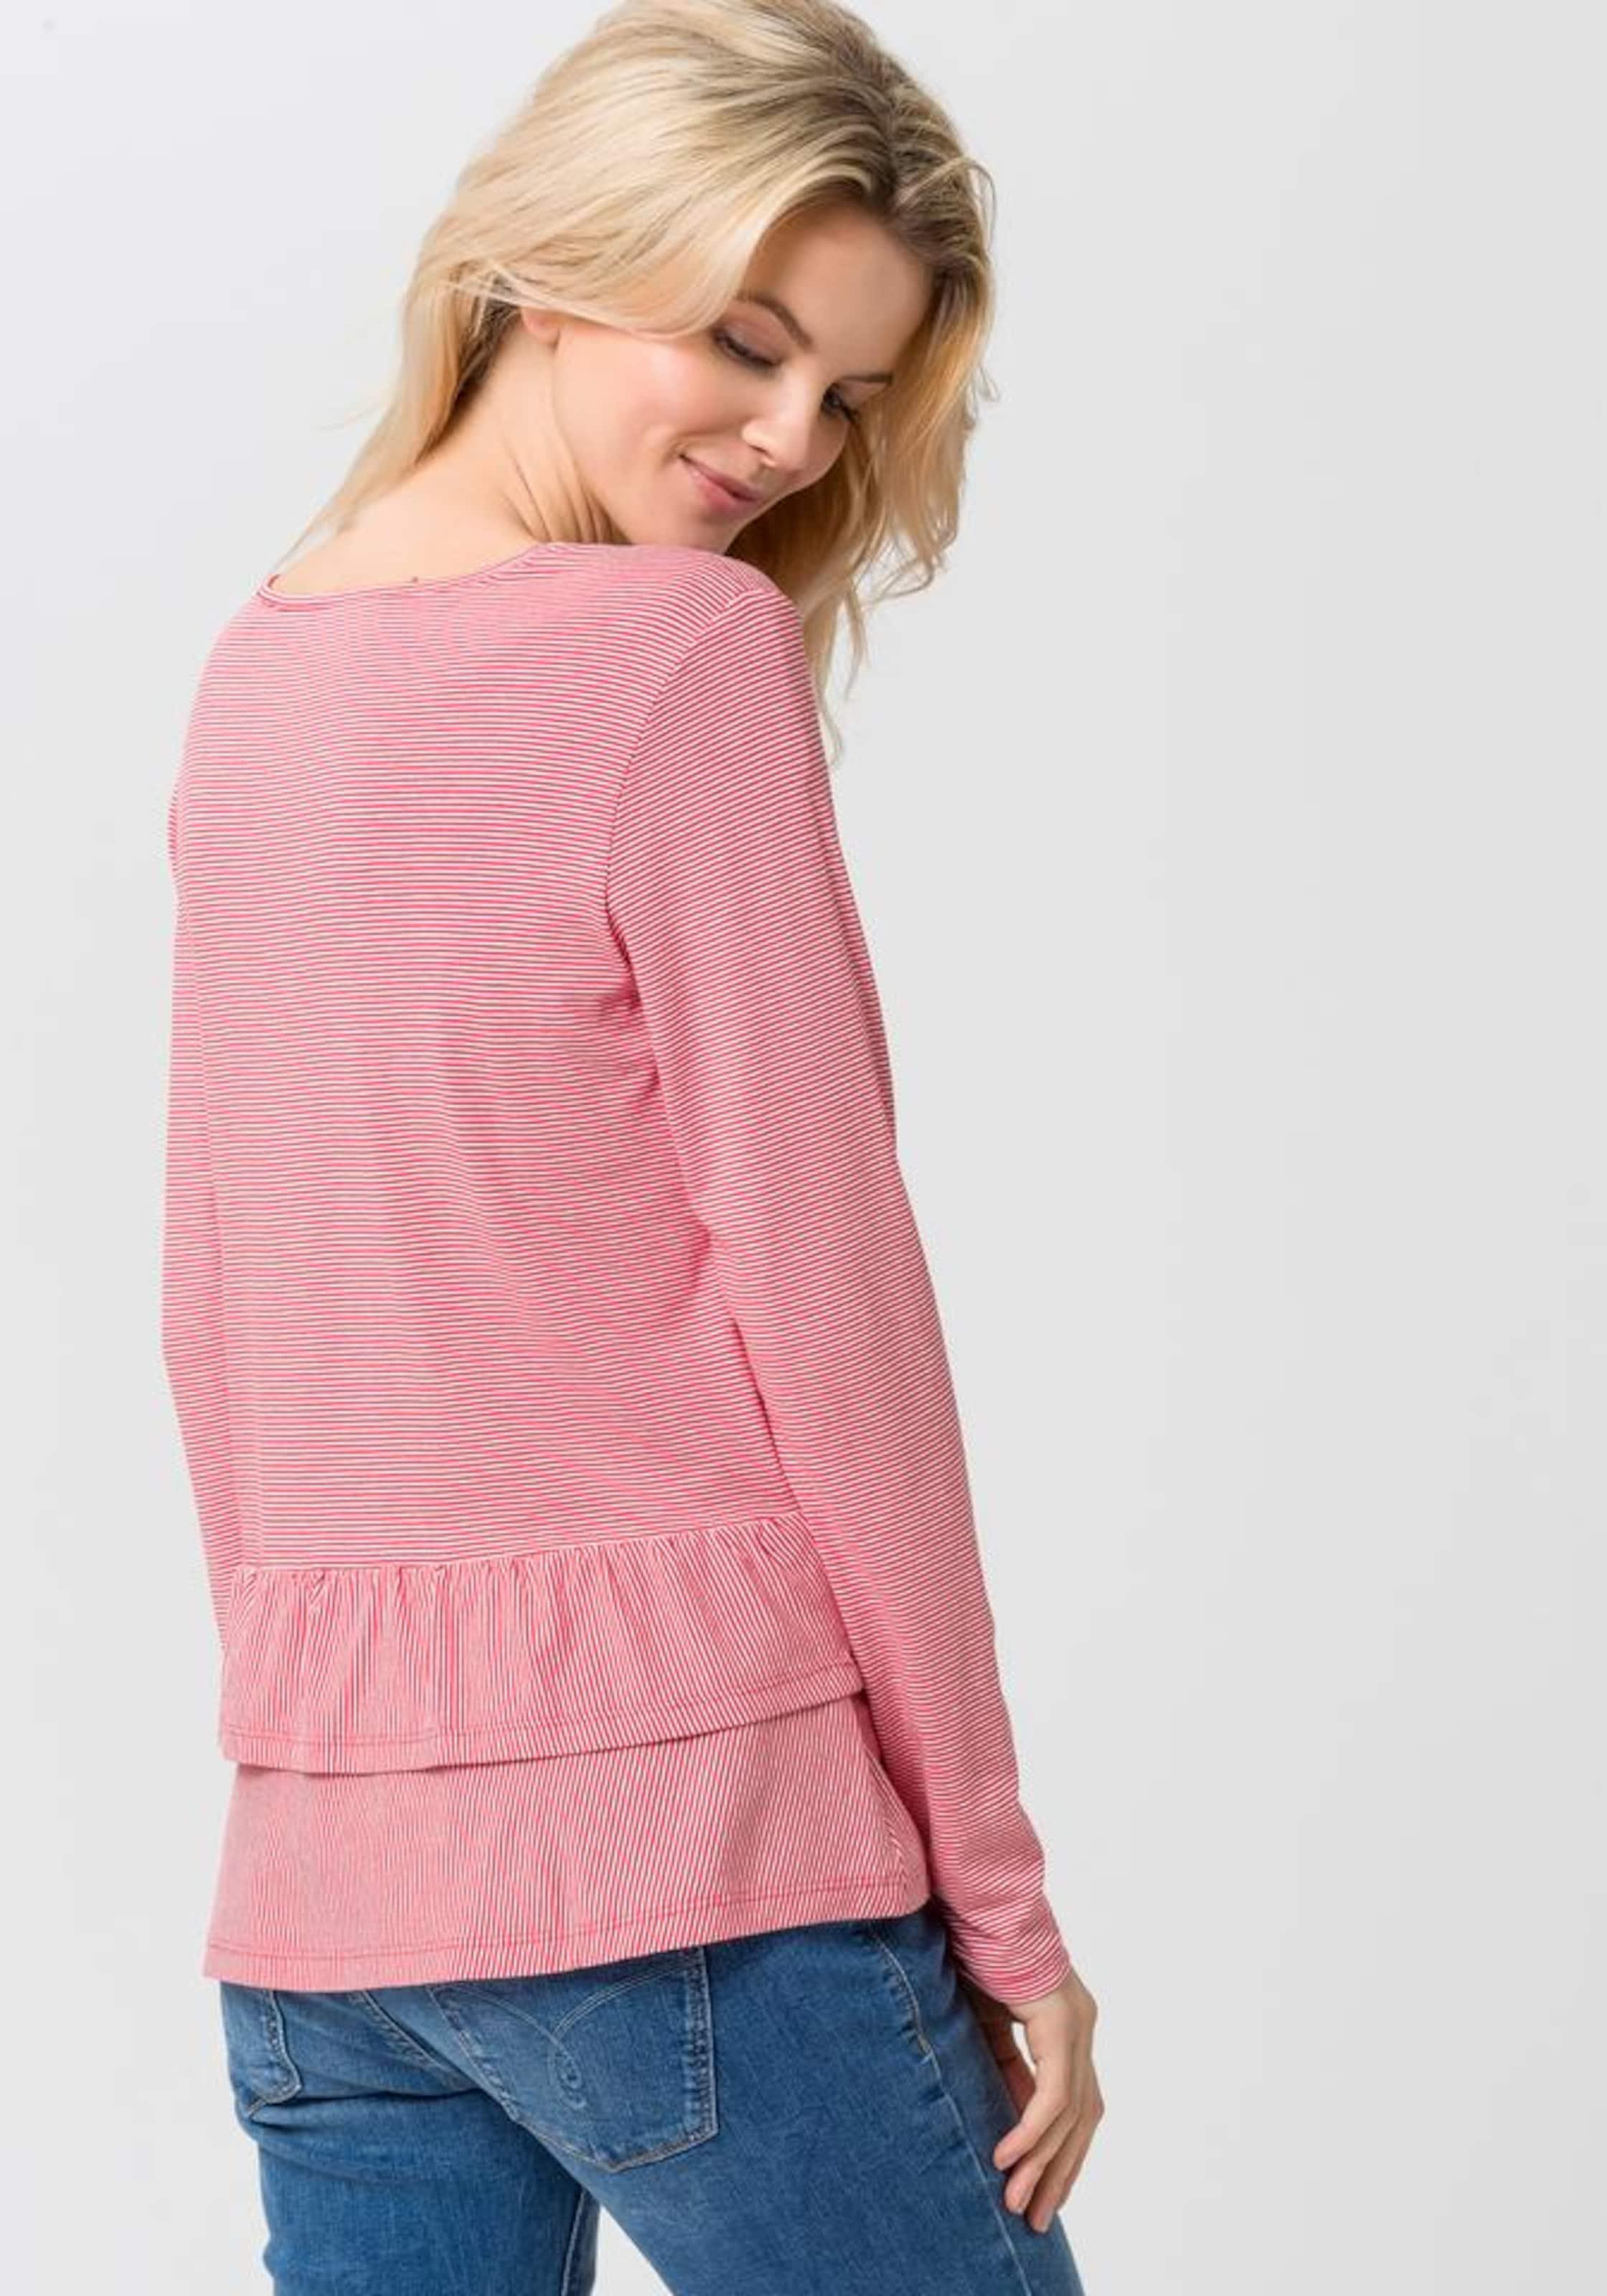 100% Original Günstiger Preis Verkauf Genießen EDC BY ESPRIT Shirt 'stripe frill' Billig Verkauf Offizielle Seite Billig Verkauf Outlet-Store Spielraum Online Ebay IfWthMa53